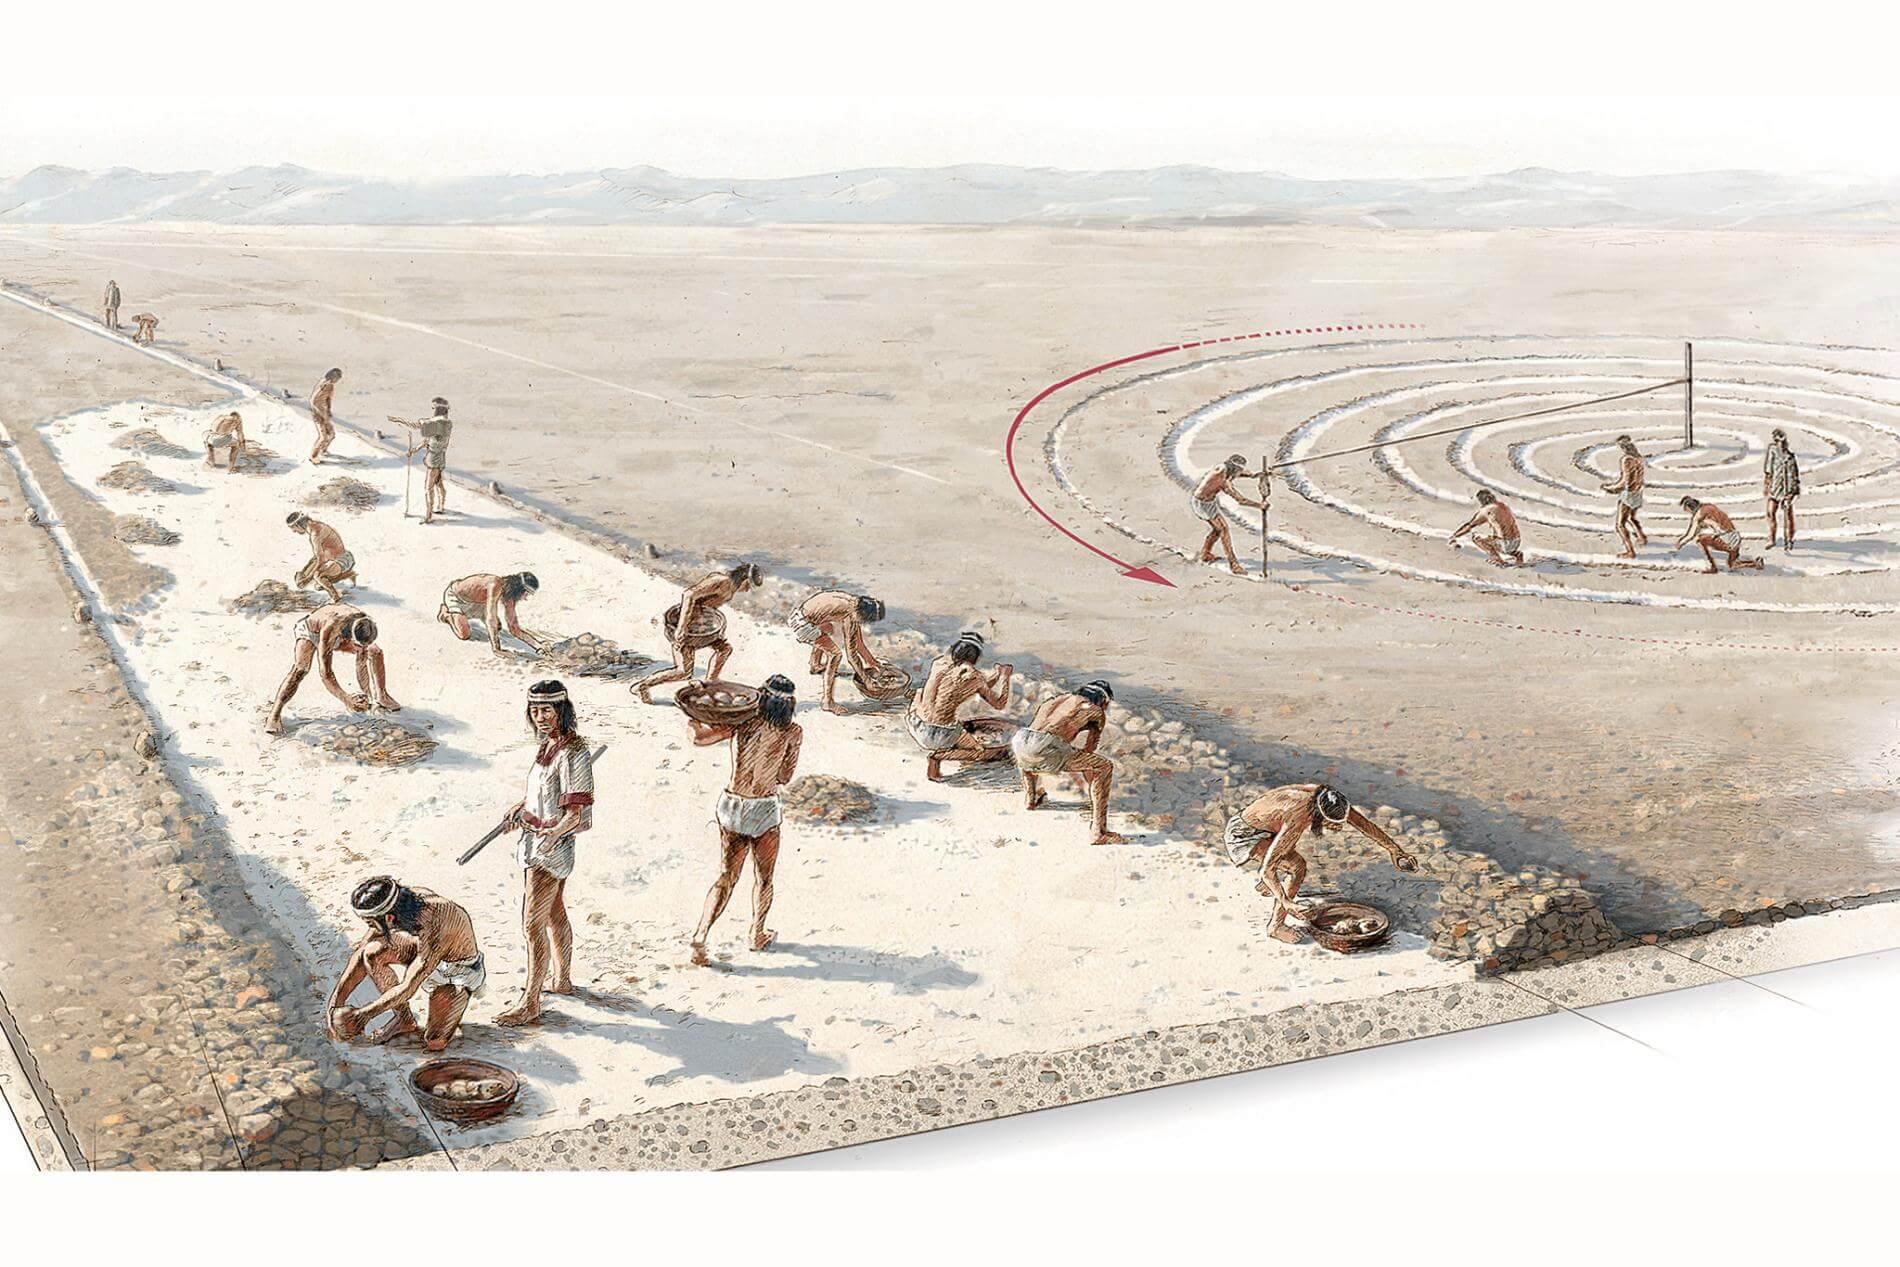 Археологи нашли на плато Наска более 50 ранее неизвестных геоглифов